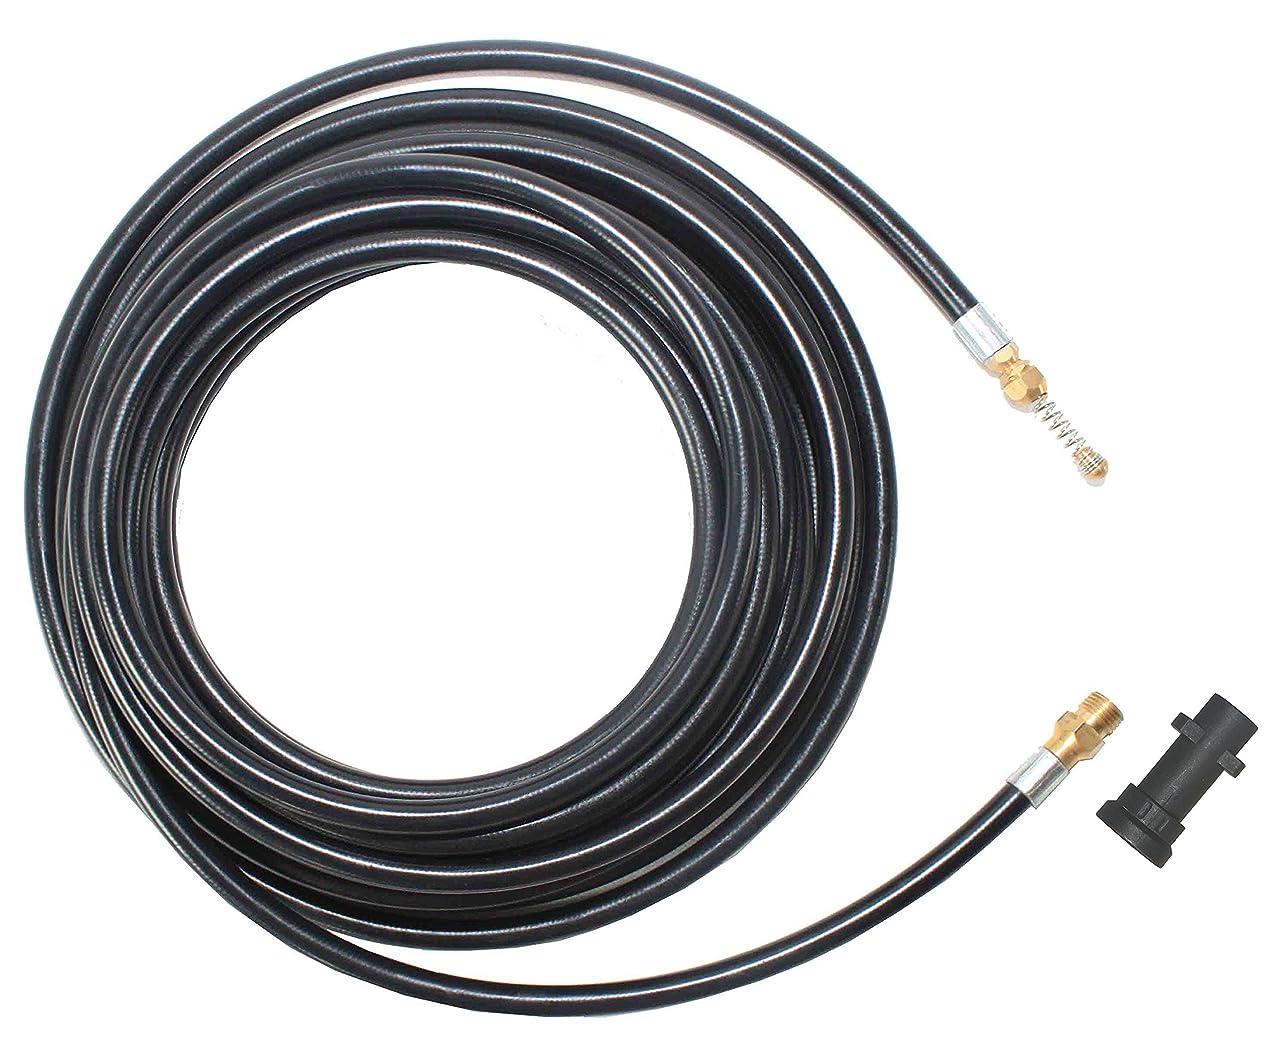 チーフ必要としている速報XZT A13-K3 2300PSIパイプ洗浄ホース下水管排水ホースためにKarcher 高圧洗浄機用 (7.5m)